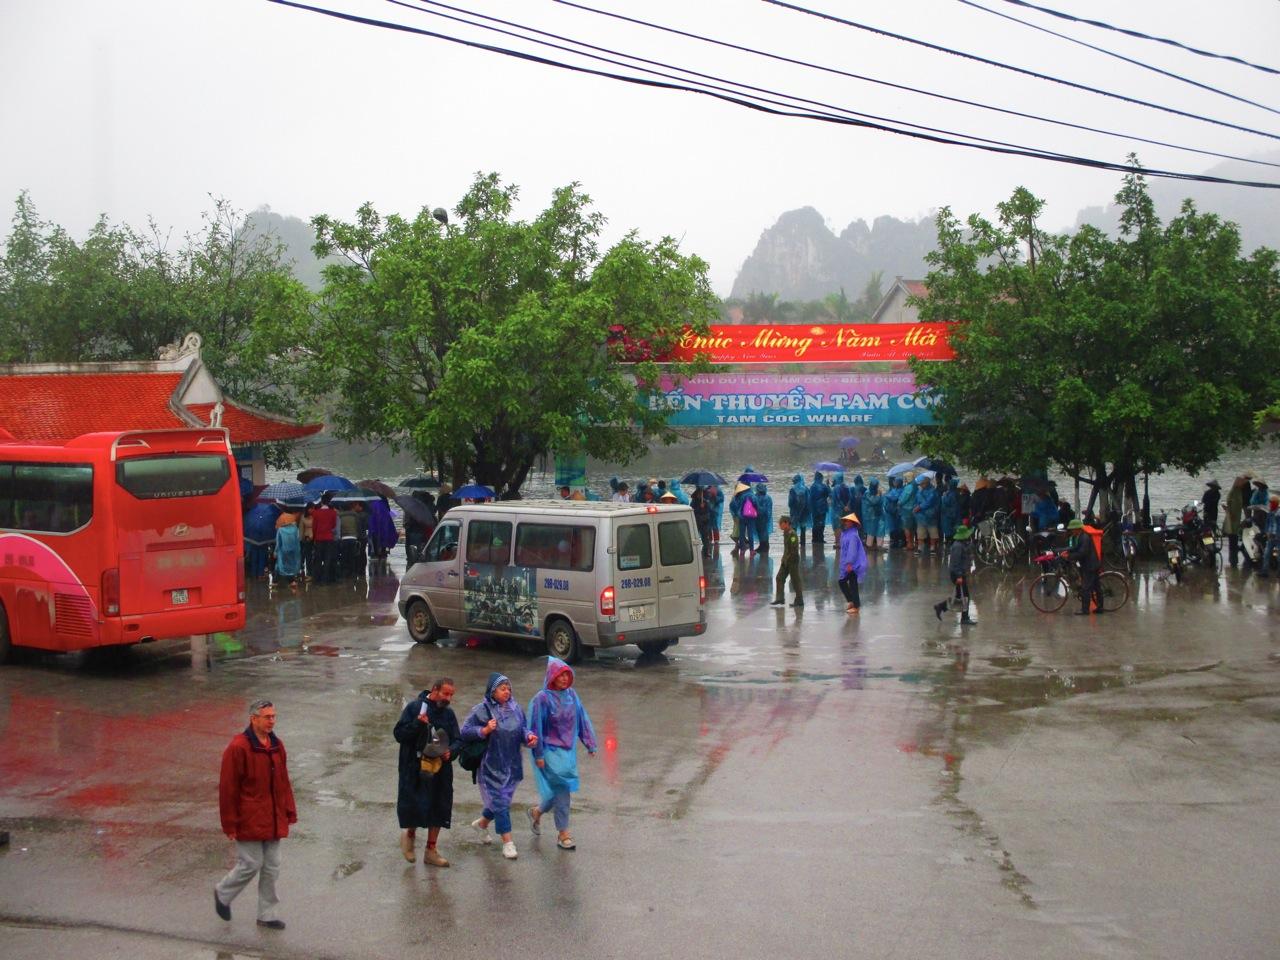 A l'embarcadère de Tam Coc, la foule est là malgré la pluie